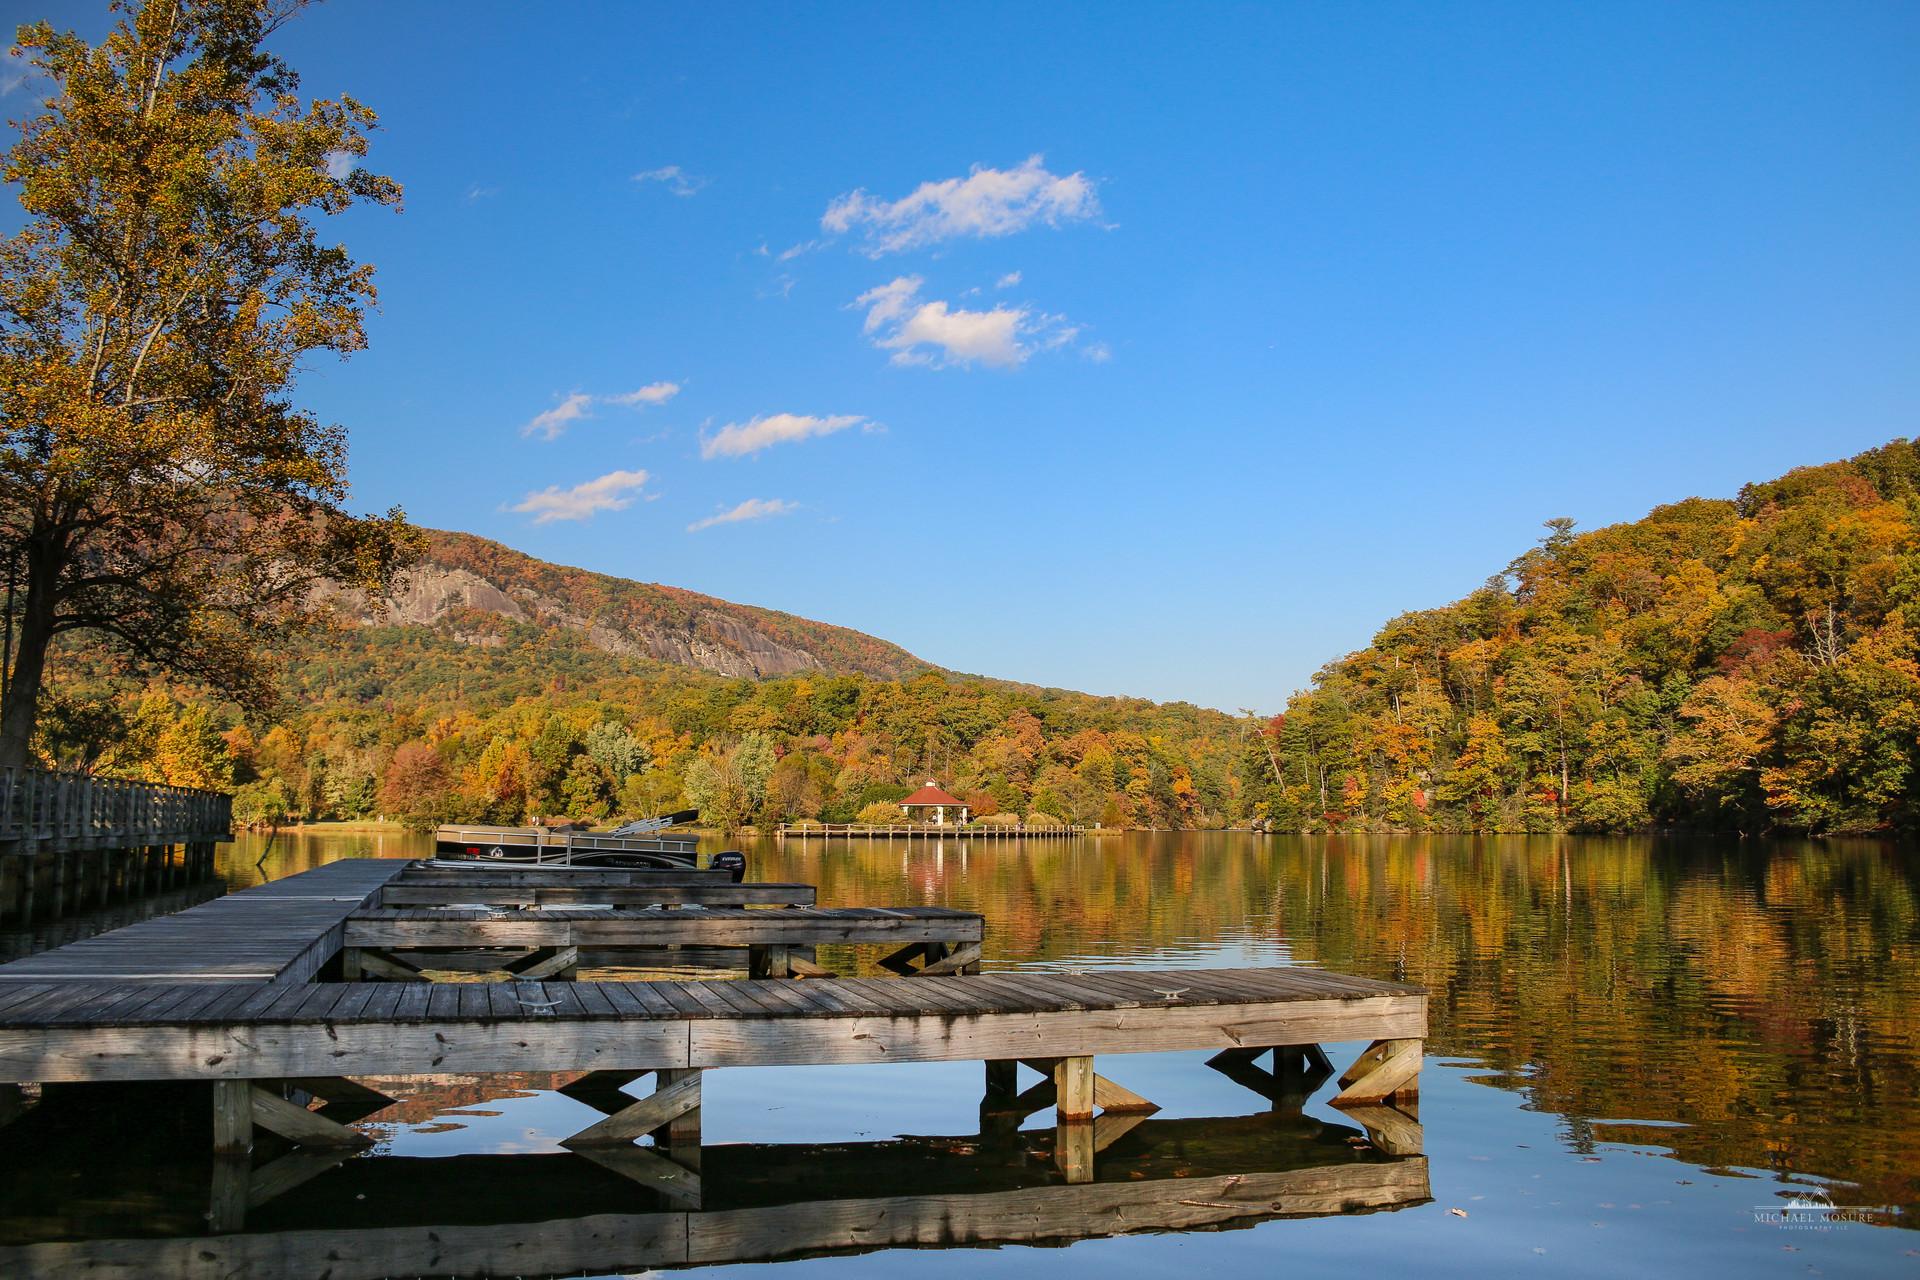 Lake Lure in Autumn